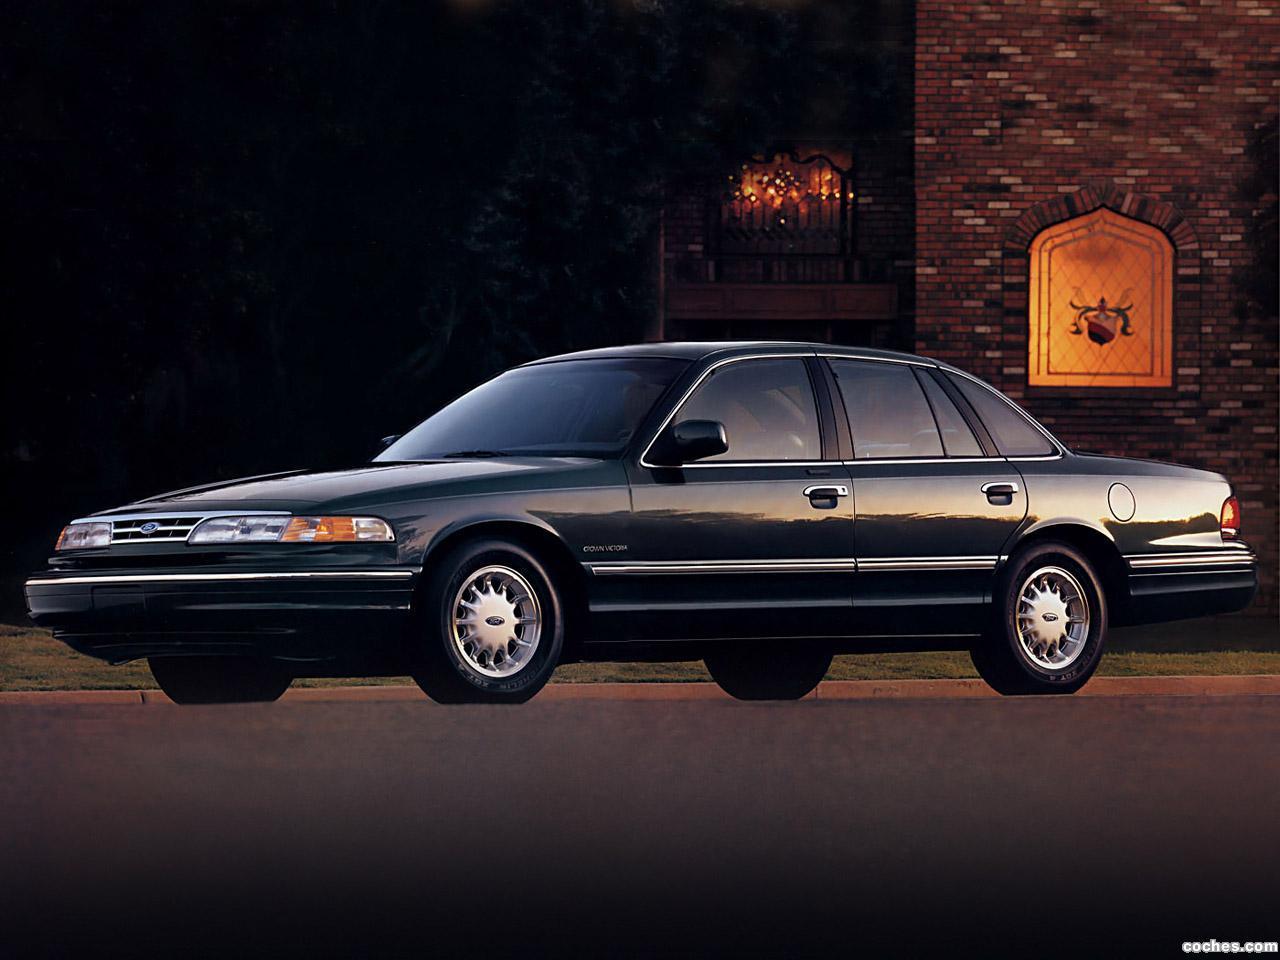 Foto 1 de Ford Crown Victoria 1995